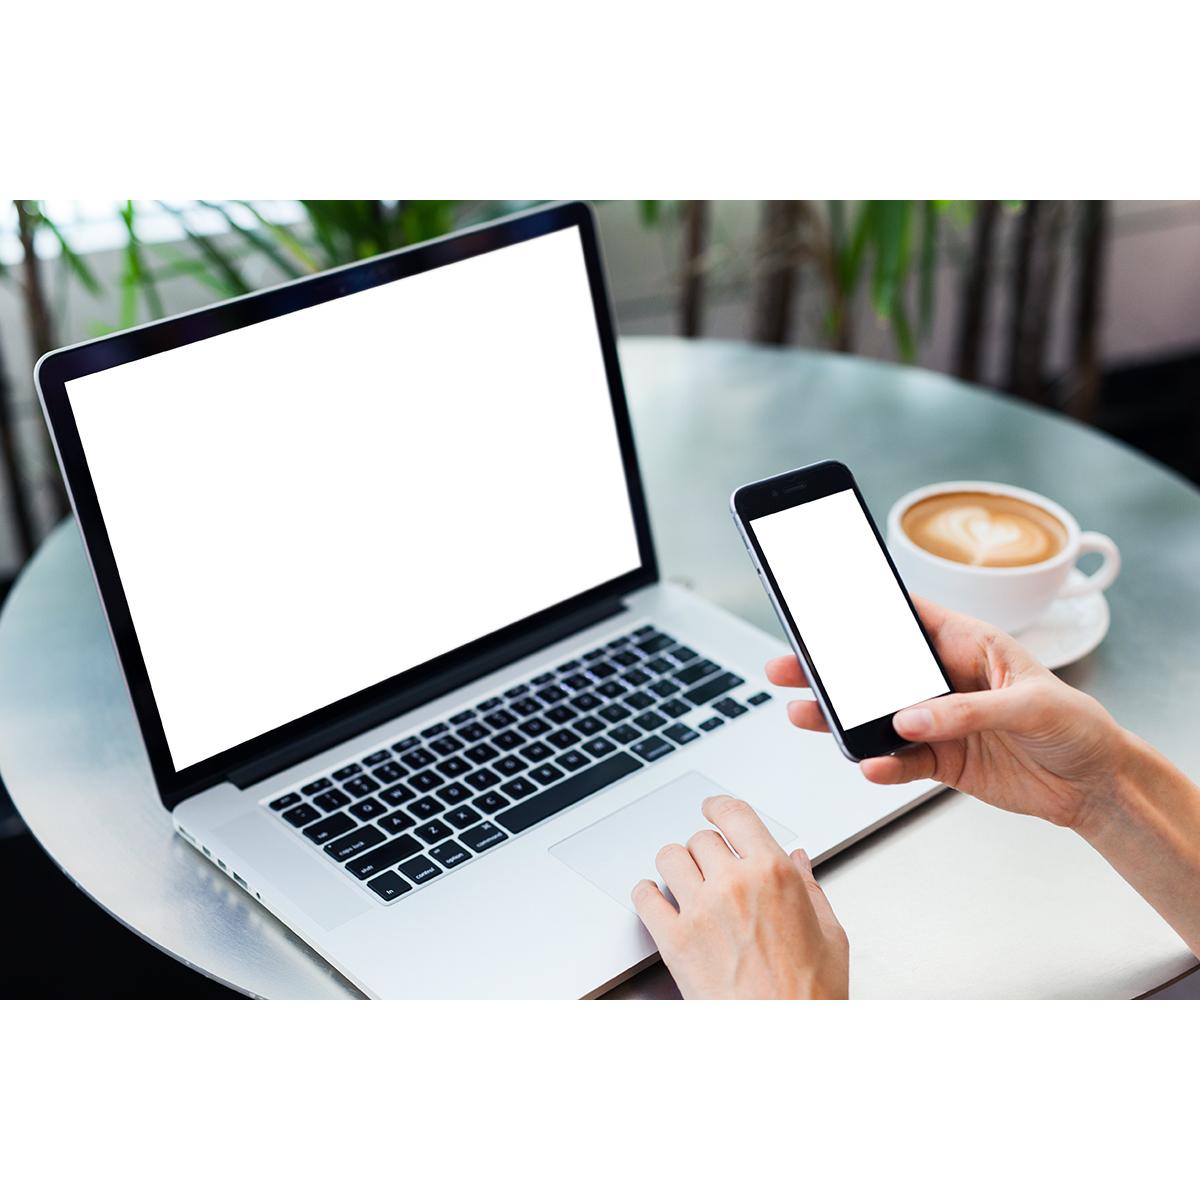 Manter o site atualizado pode prevenir ataques informáticos